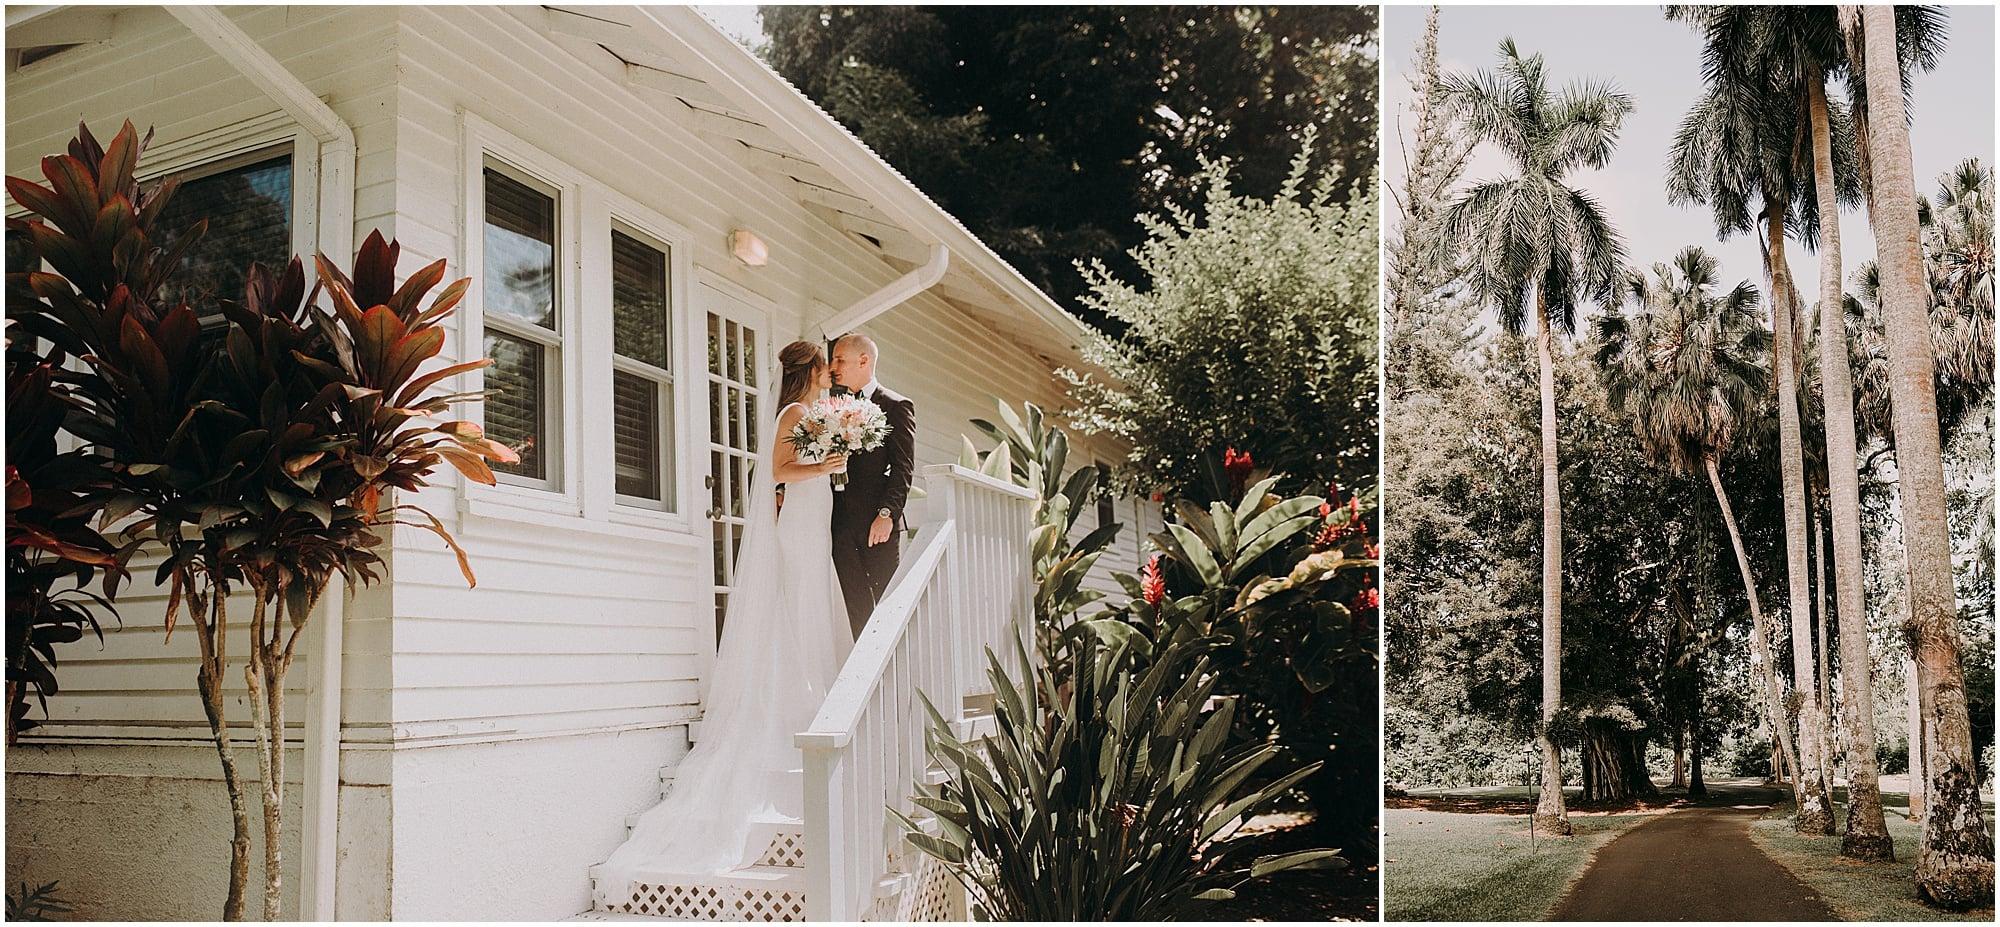 Hana Maui wedding 21